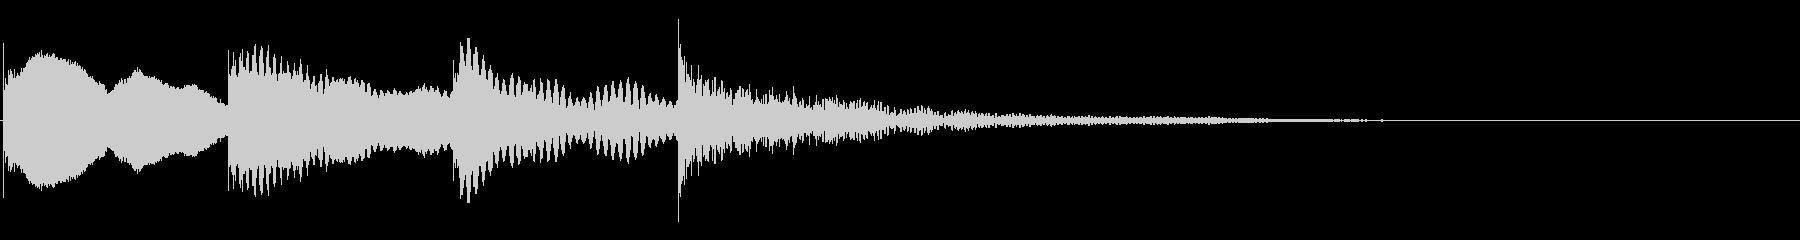 マリンバ効果音 ピンポンパンポン の未再生の波形